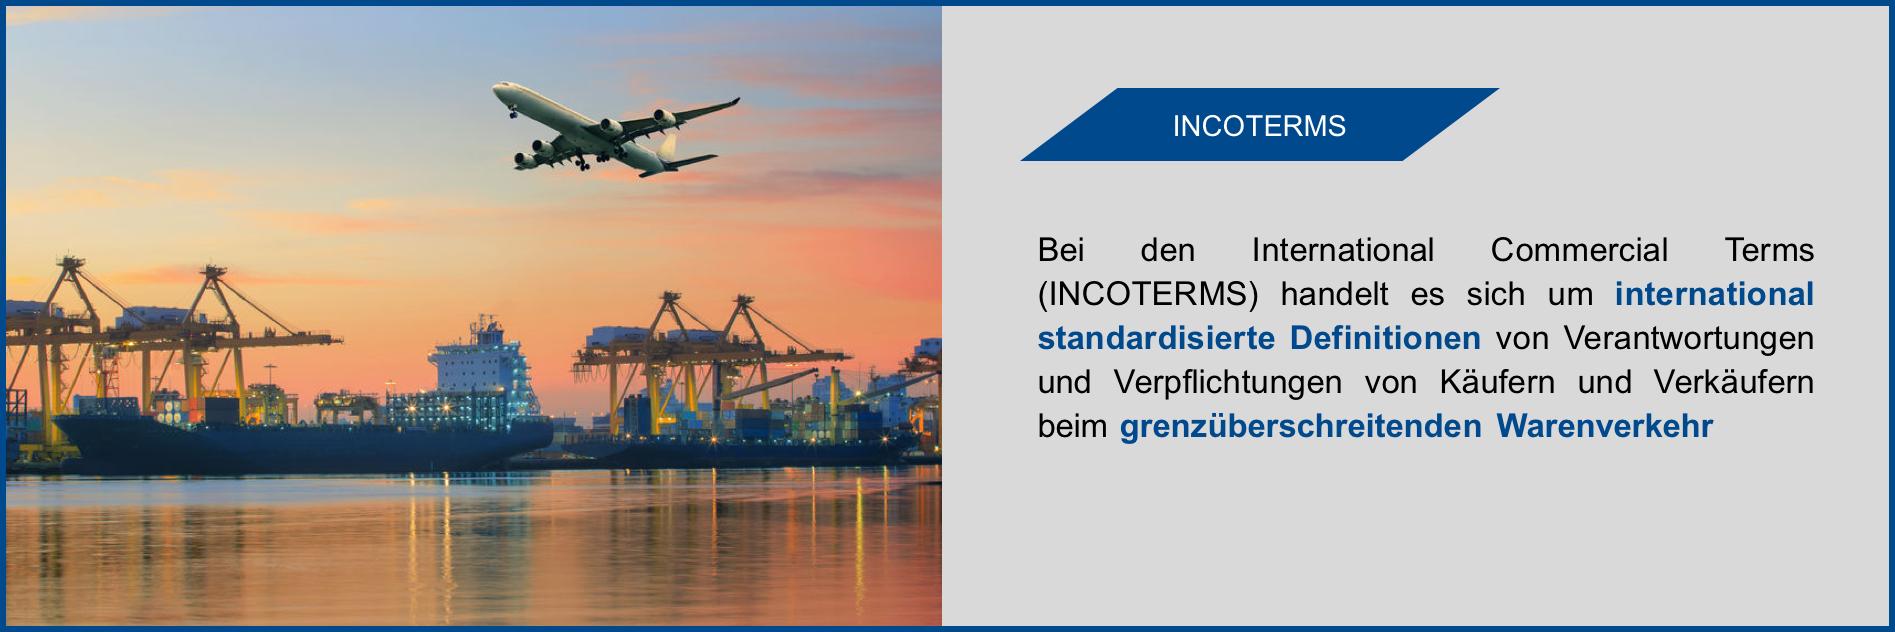 Bei den International Commercial Terms (INCOTERMS) handelt es sich um international standardisierte Definitionen von Verantwortungen und Verpflichtungen von Käufern und Verkäufern beim grenzüberschreitenden Warenverkehr